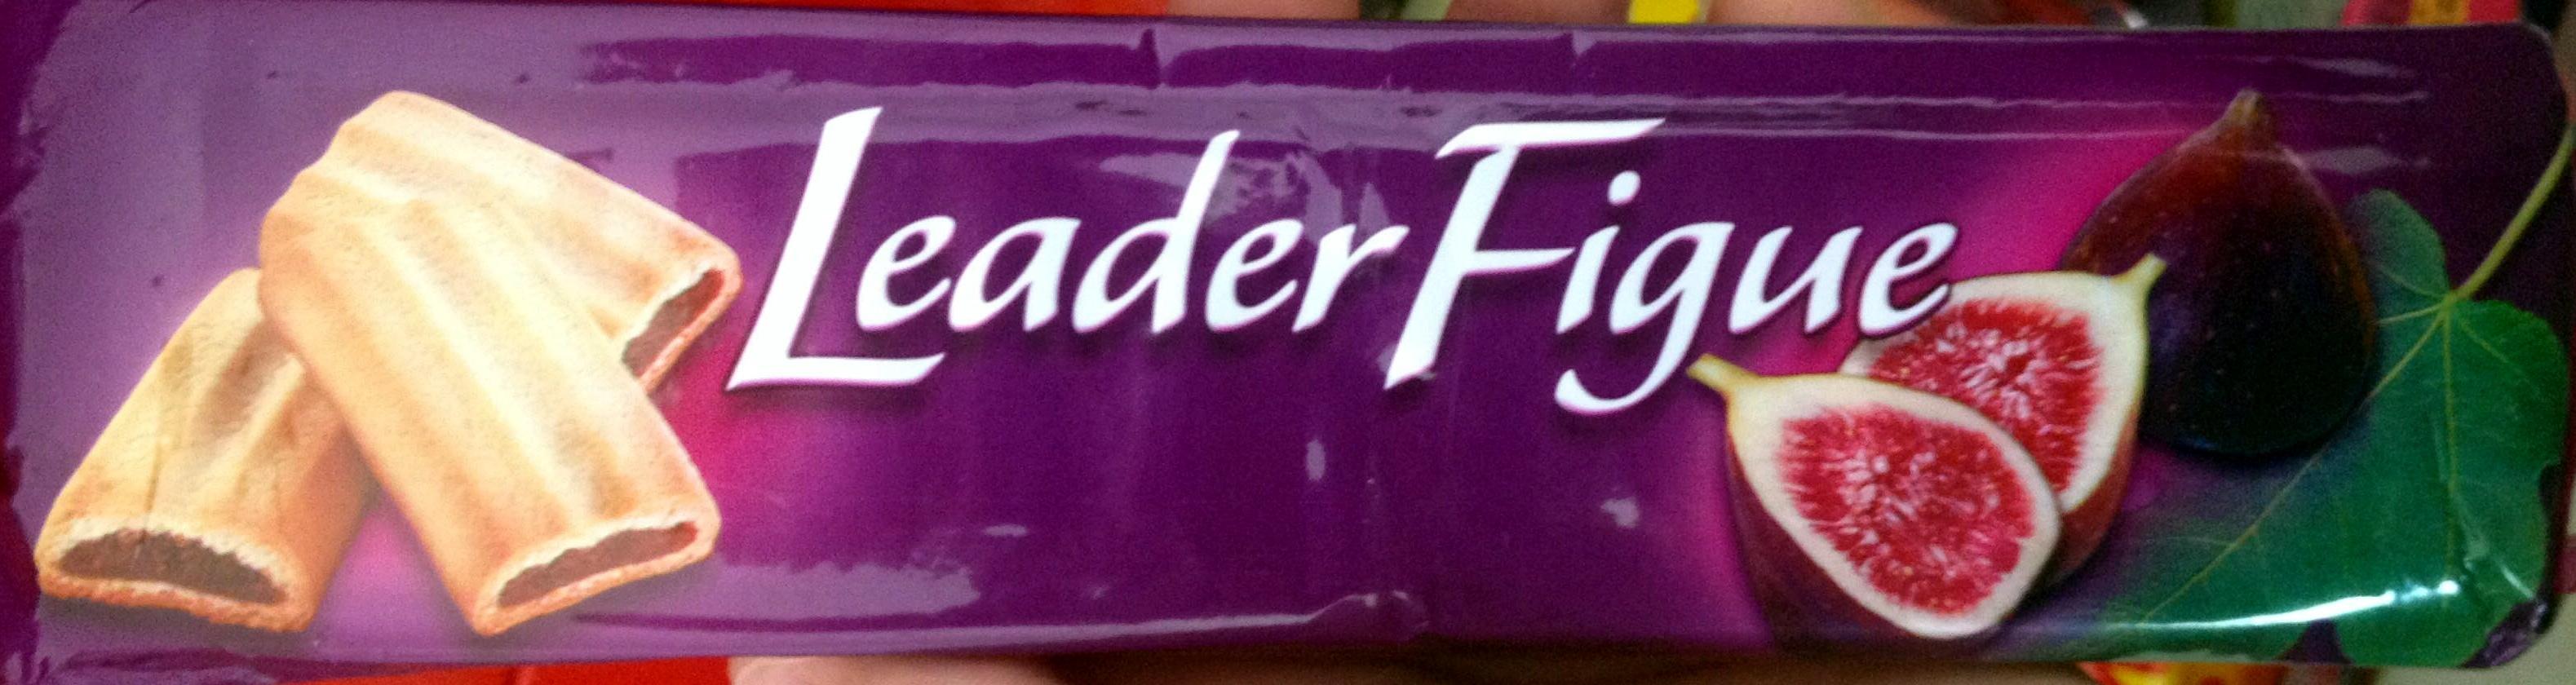 Leader Figue - Prodotto - fr